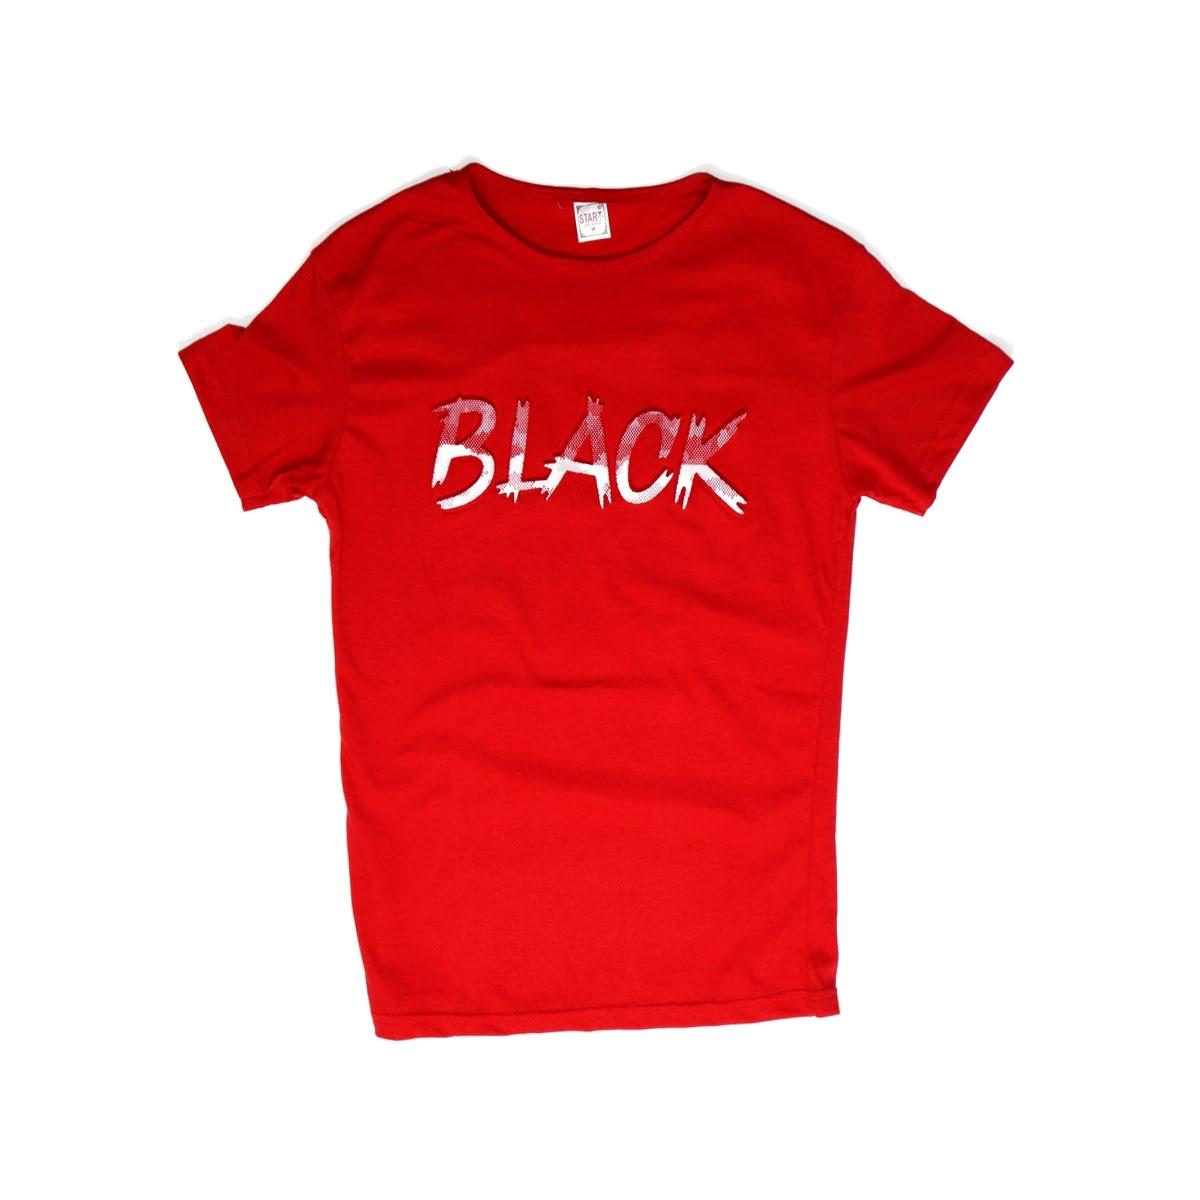 Black,Tricou barbatesc din bumbac 100% rosucu imprimeu in relief black 038